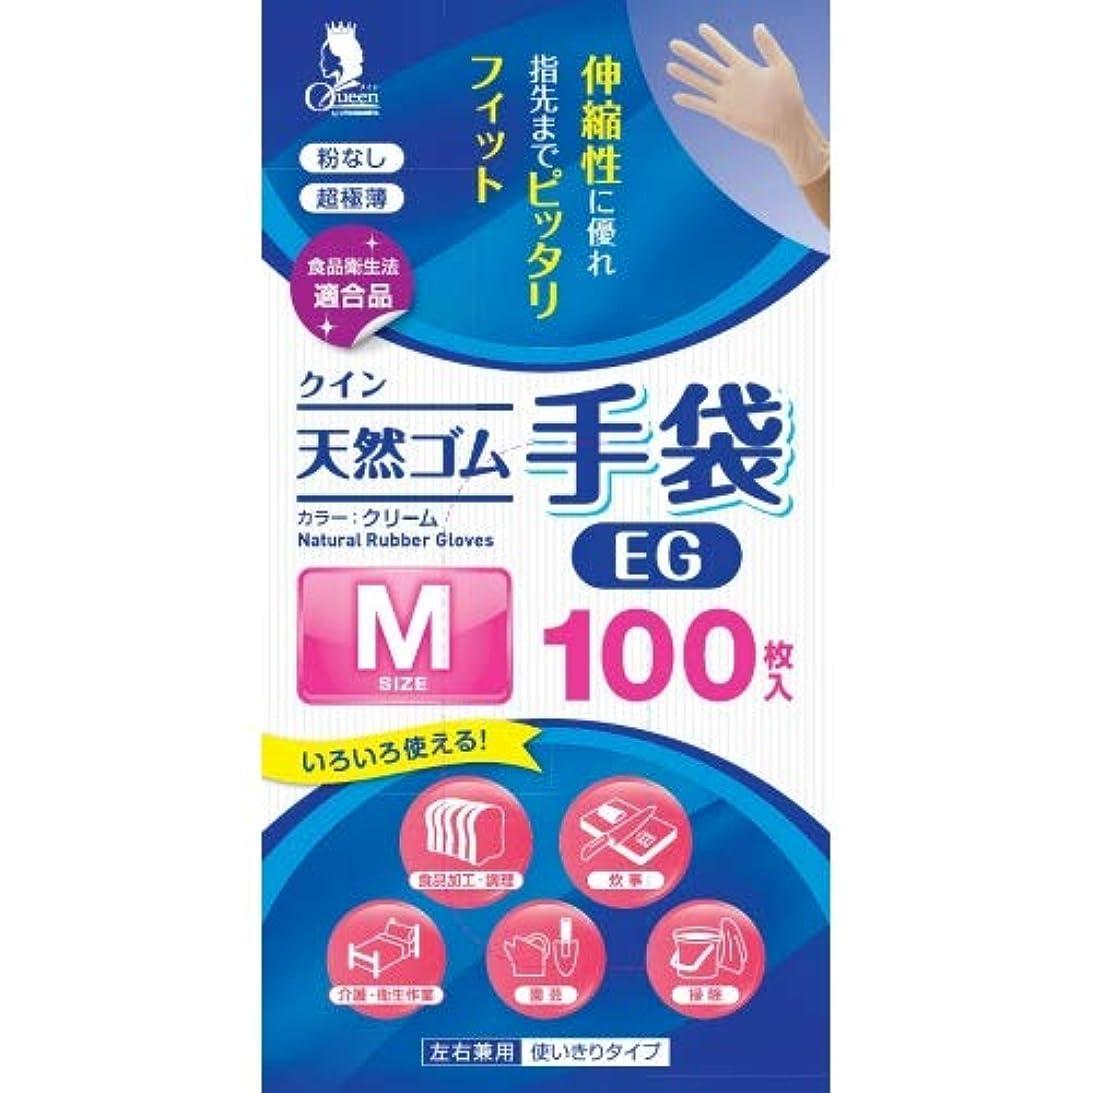 罰する効能ある罰する宇都宮製作 クイン 天然ゴム手袋 EG 粉なし 100枚入 Mサイズ